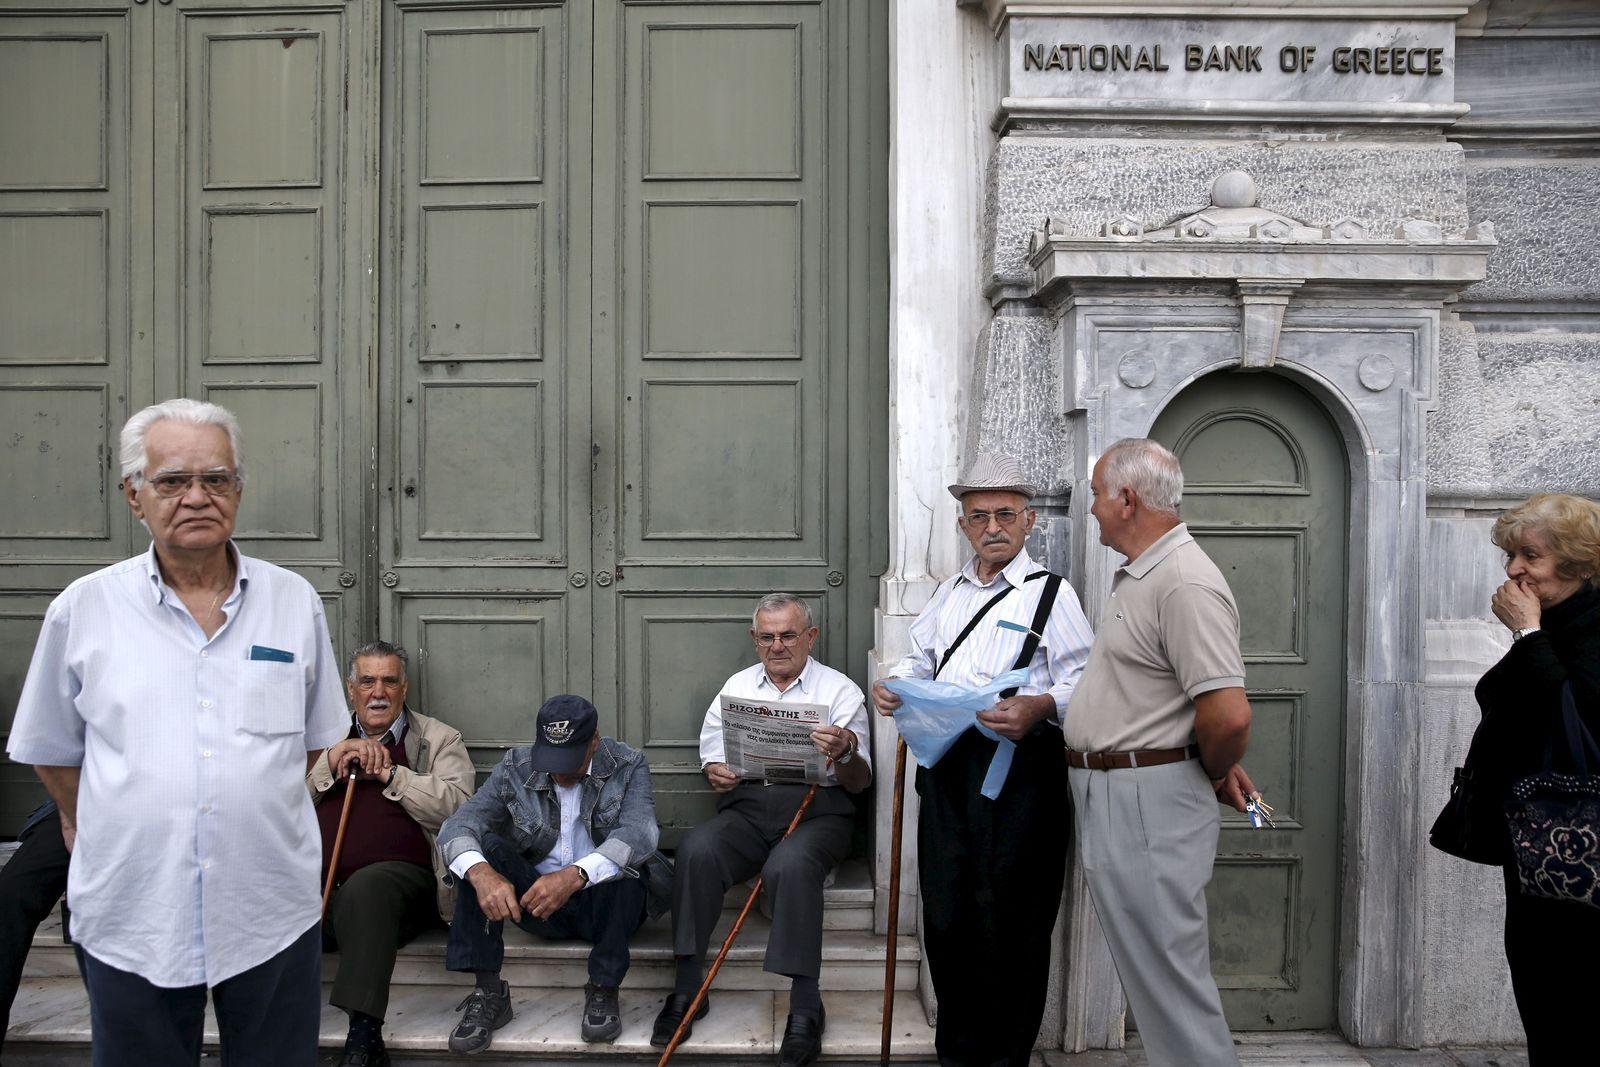 Rentner/ Griechenland